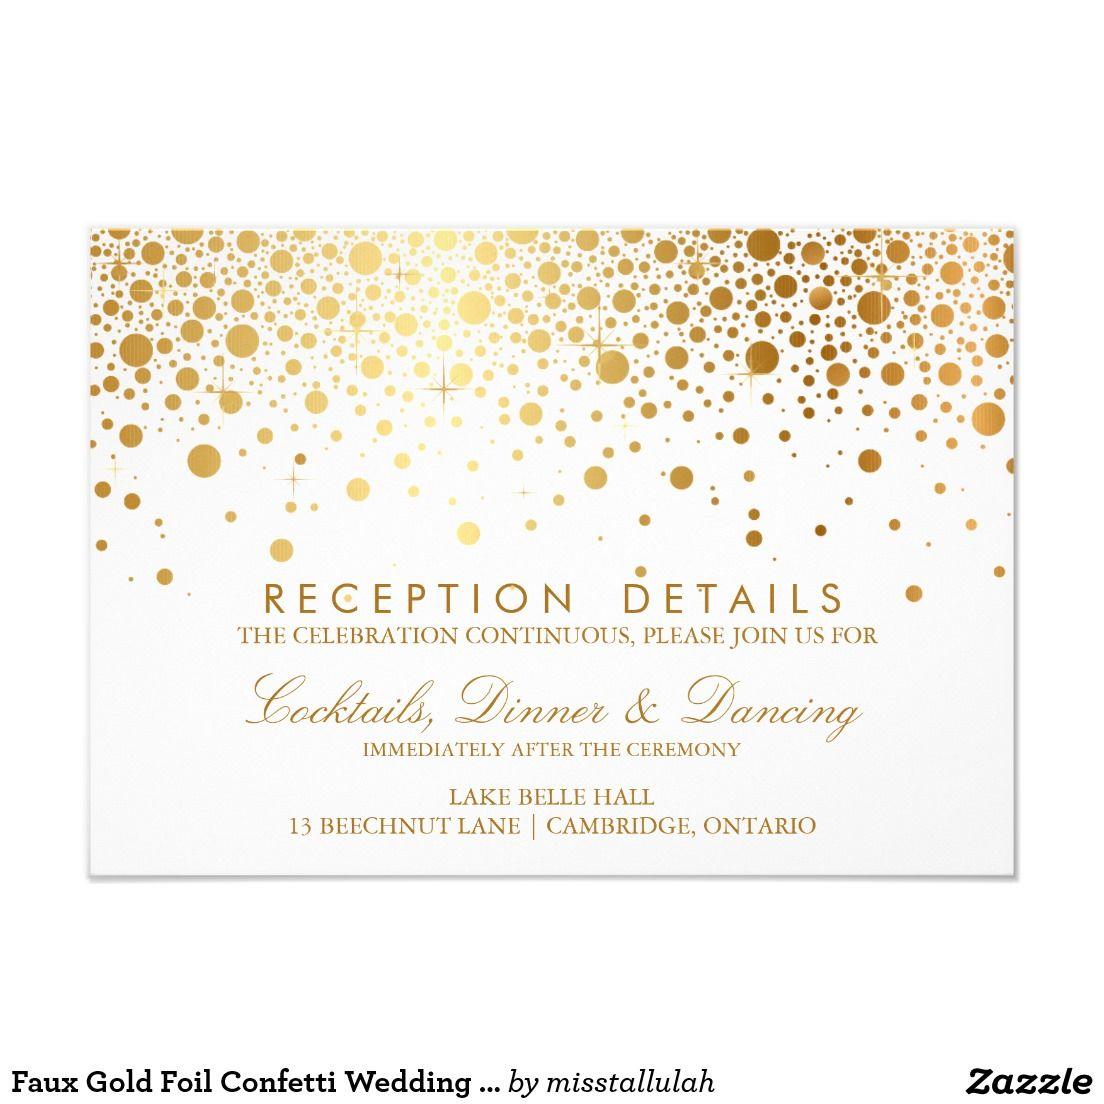 Faux gold foil confetti wedding reception card 35 x 5 faux gold foil confetti wedding reception card 35 x 5 invitation card monicamarmolfo Gallery